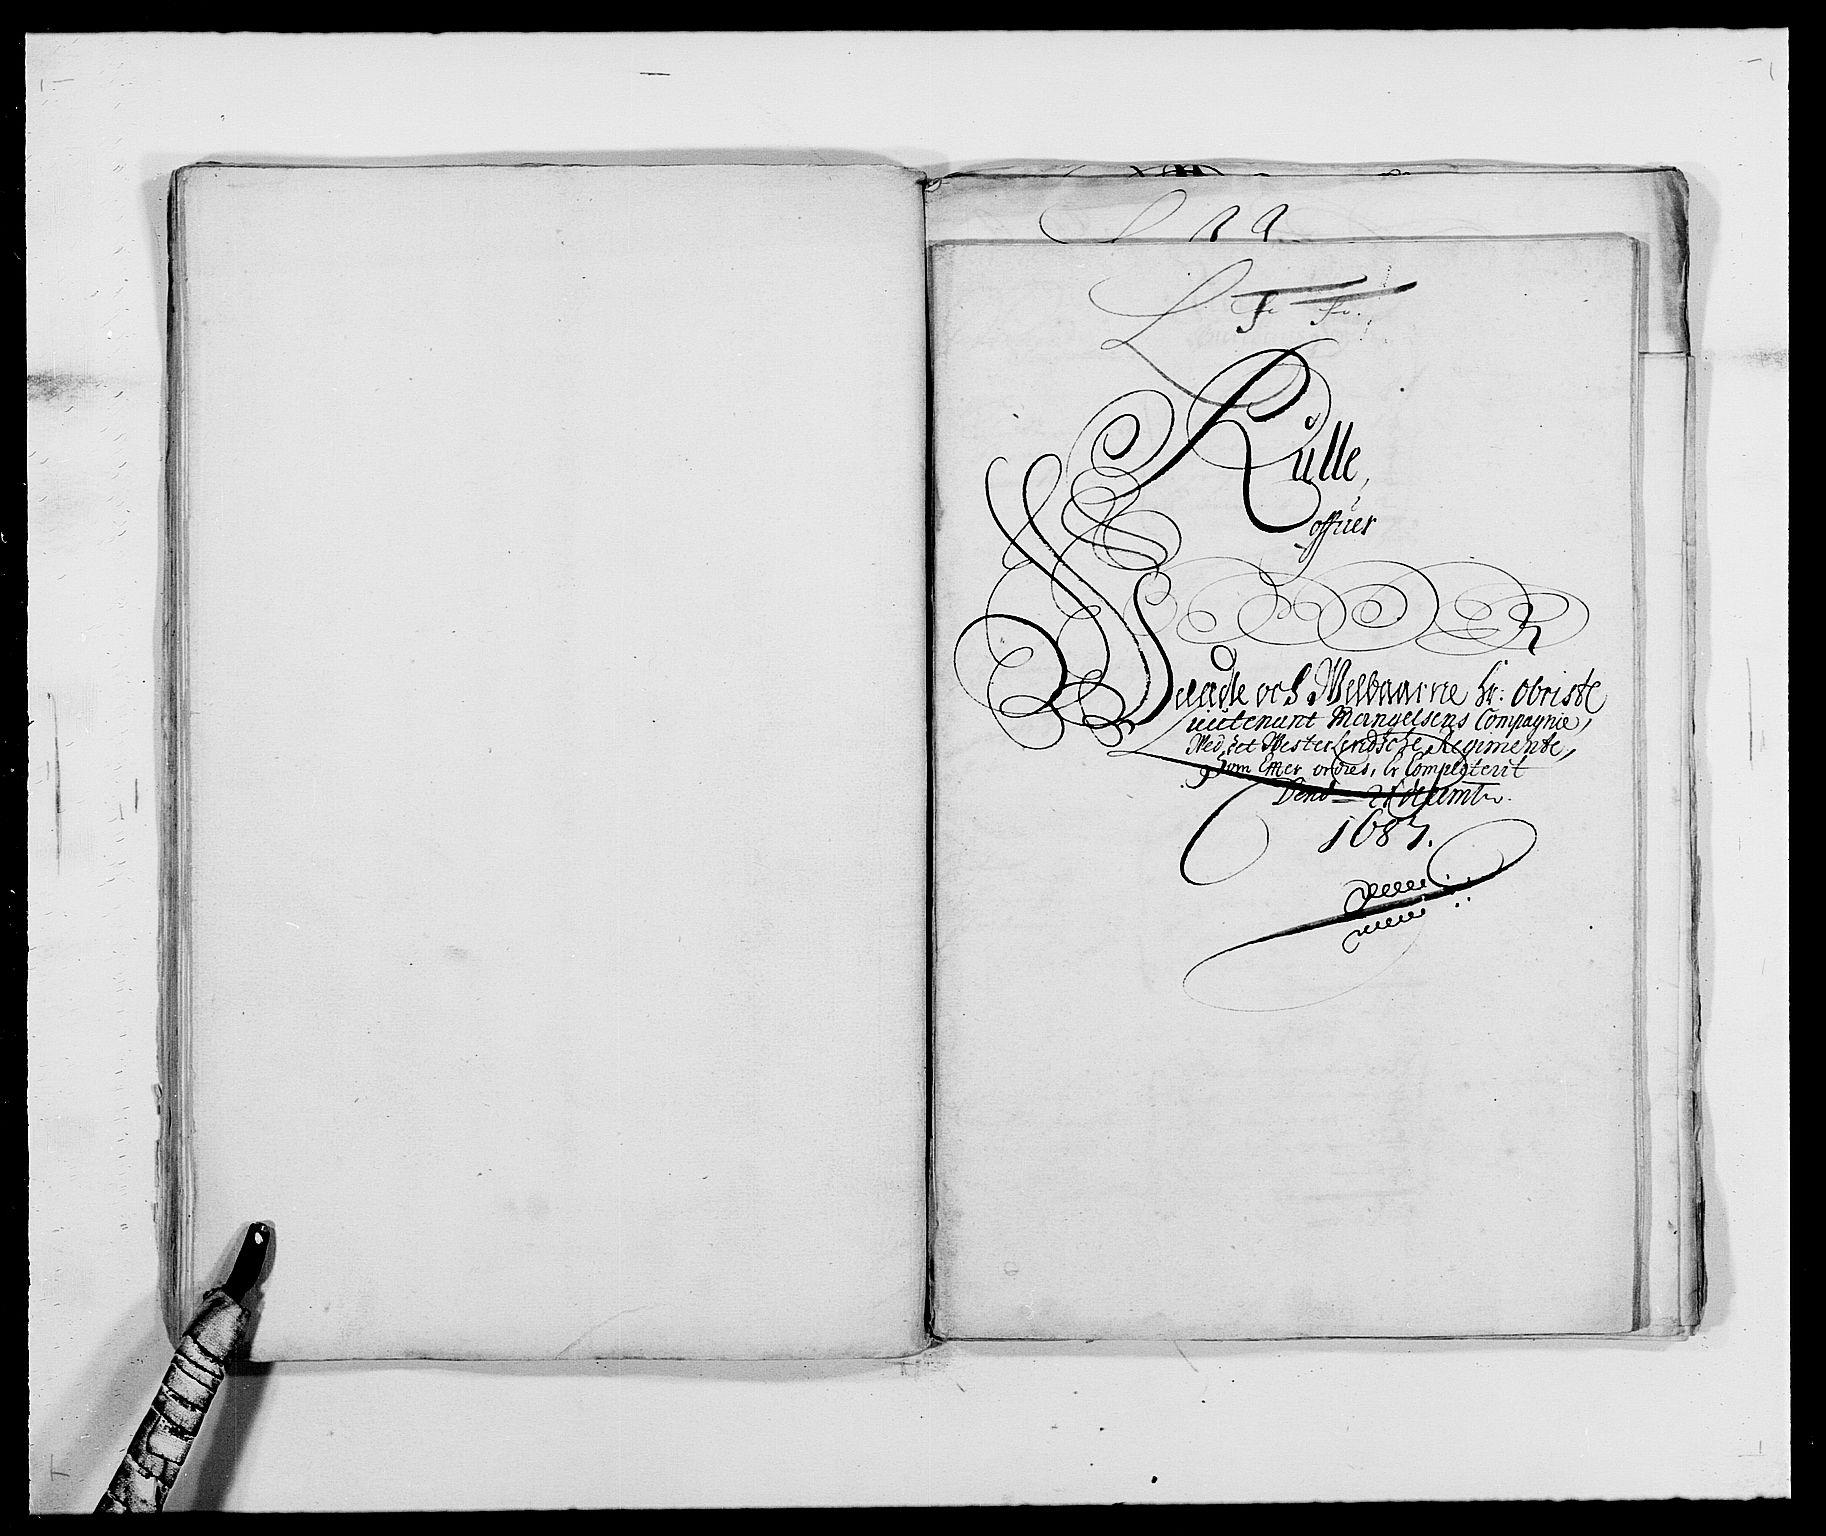 RA, Rentekammeret inntil 1814, Reviderte regnskaper, Fogderegnskap, R39/L2309: Fogderegnskap Nedenes, 1684-1689, s. 30